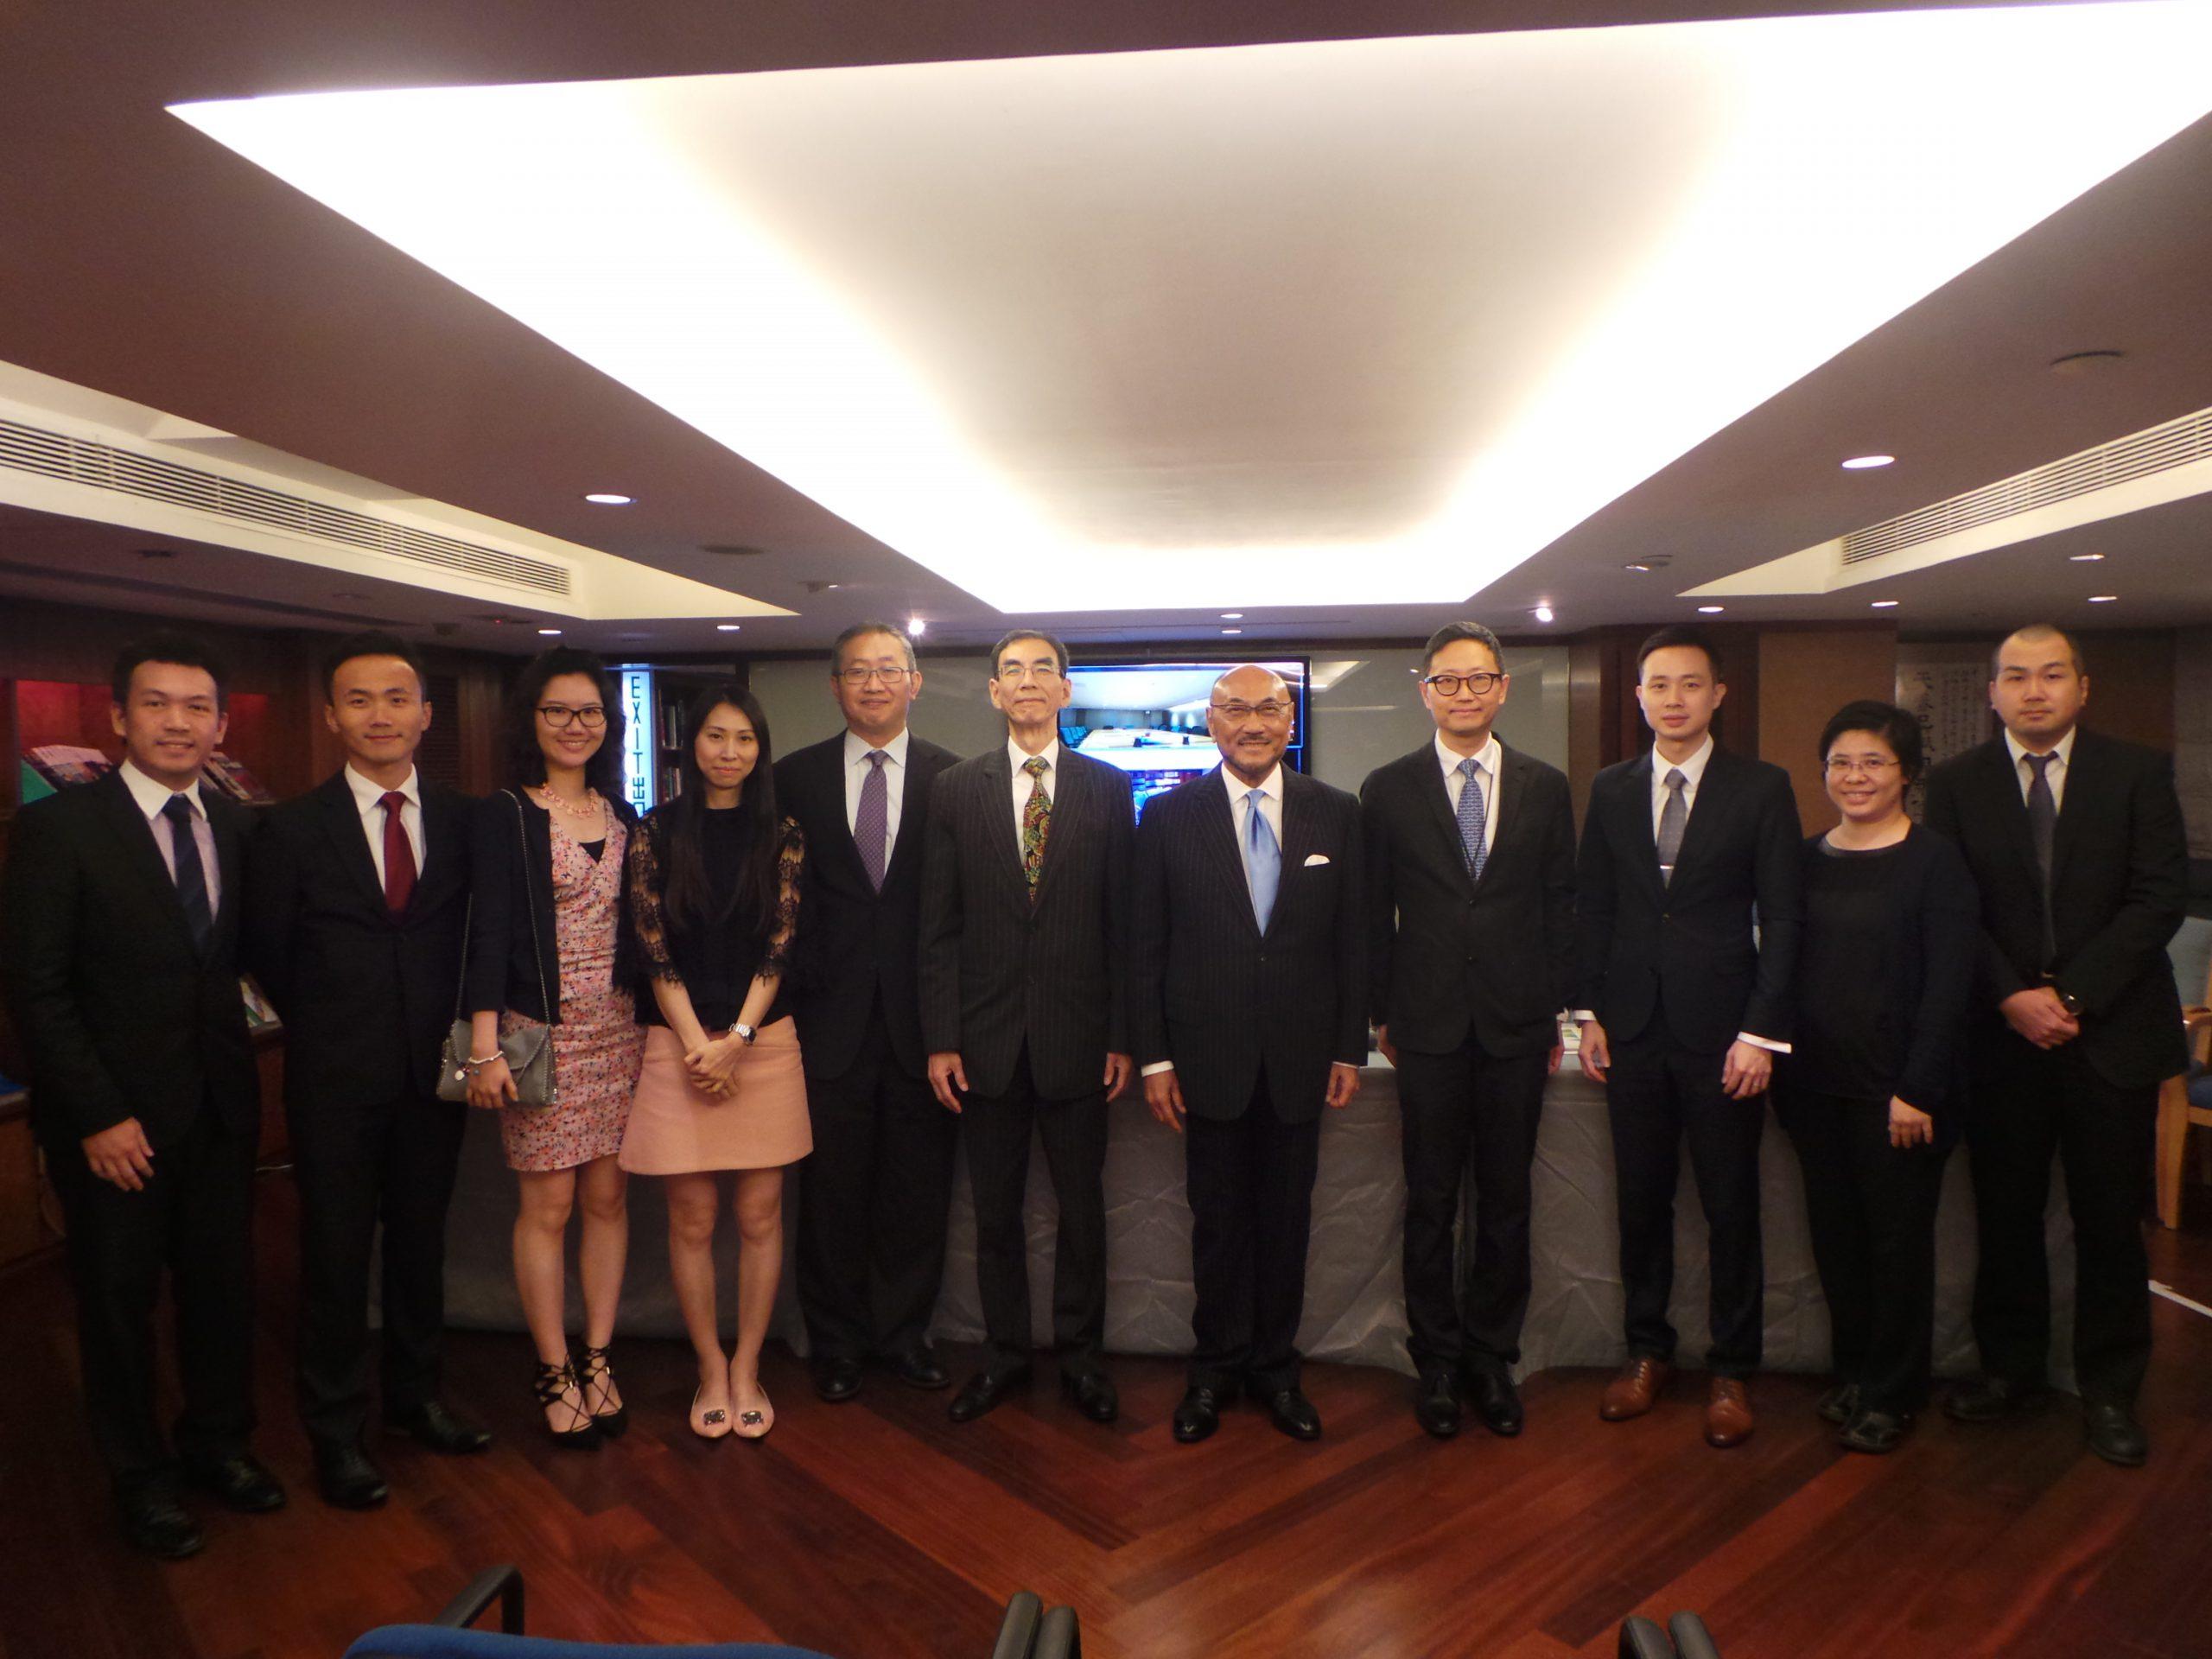 本行高級合伙人簡家驄律師於2016年5月26日榮獲香港律師會錄入榮譽律師名冊